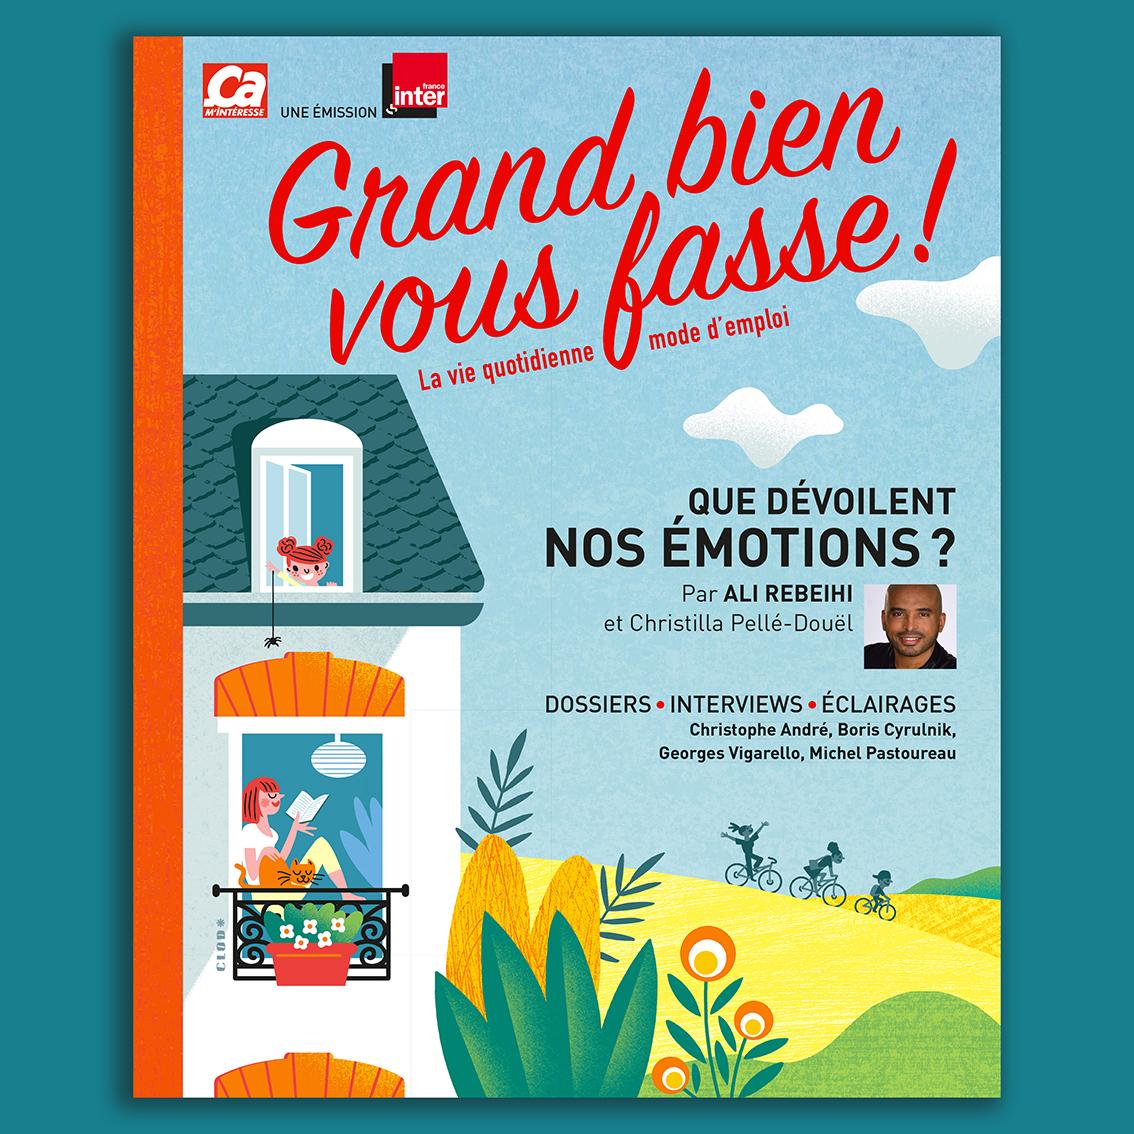 Clod-illustration-Grand-Bien-Vous-Fasse